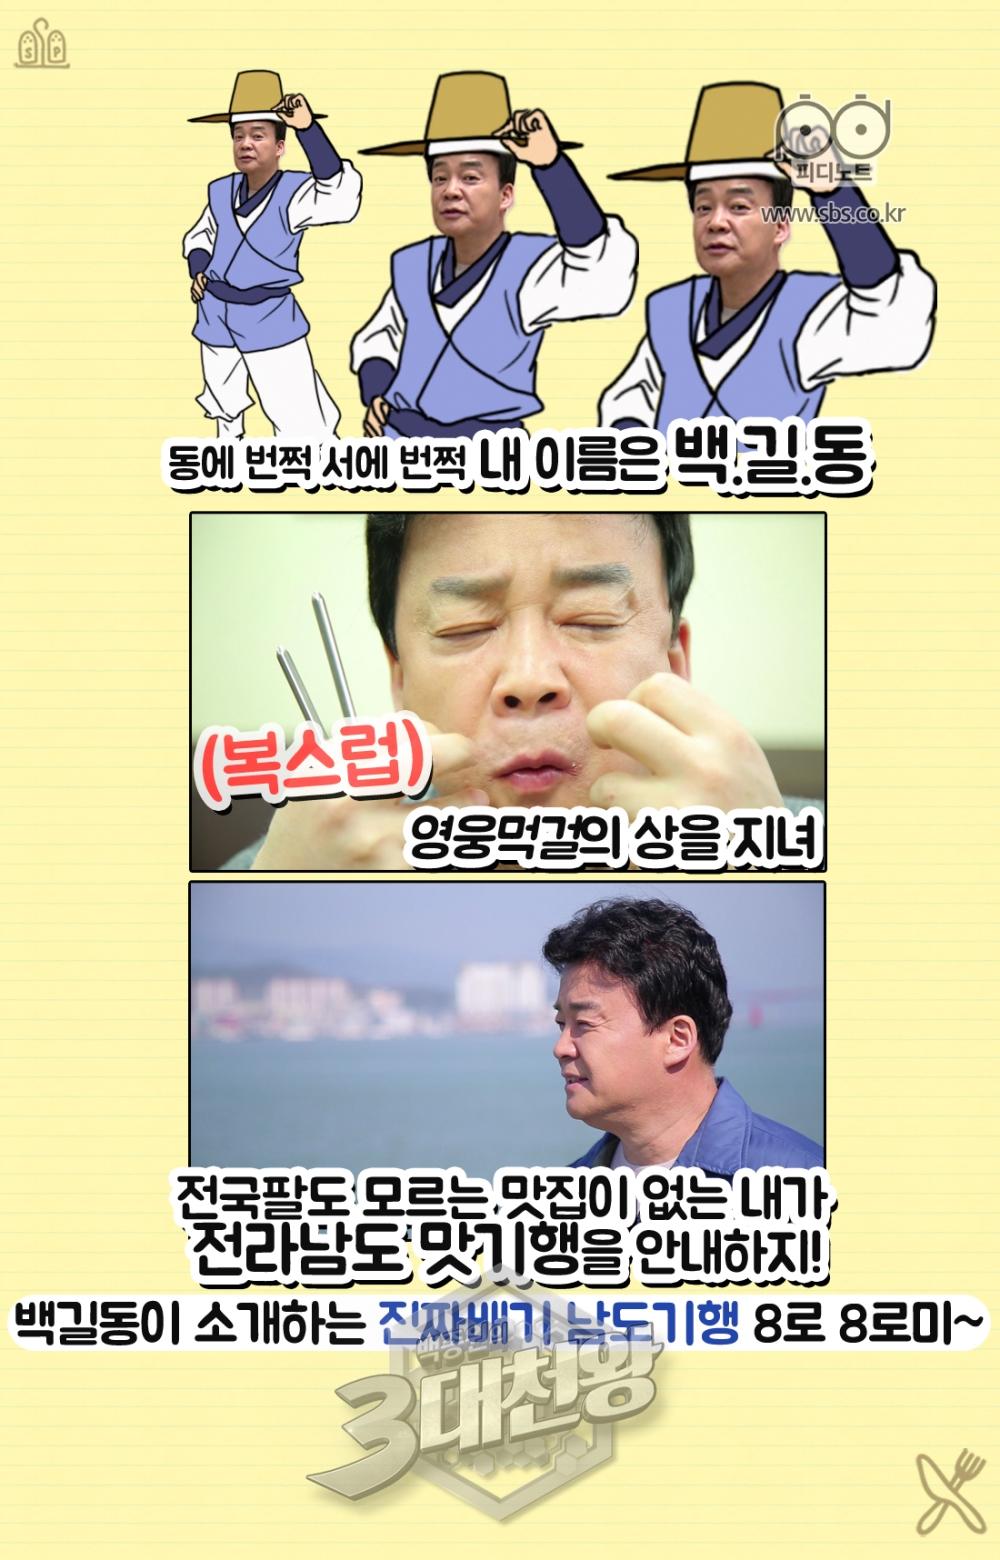 동에번쩍서에번쩍내이름은백길동영웅먹걸의상을지녀복스럽전국팔도모르는맛집이없는내가전라남도맛기행을안내하지!백길동이소개하는진짜배기남도기행8로8로미